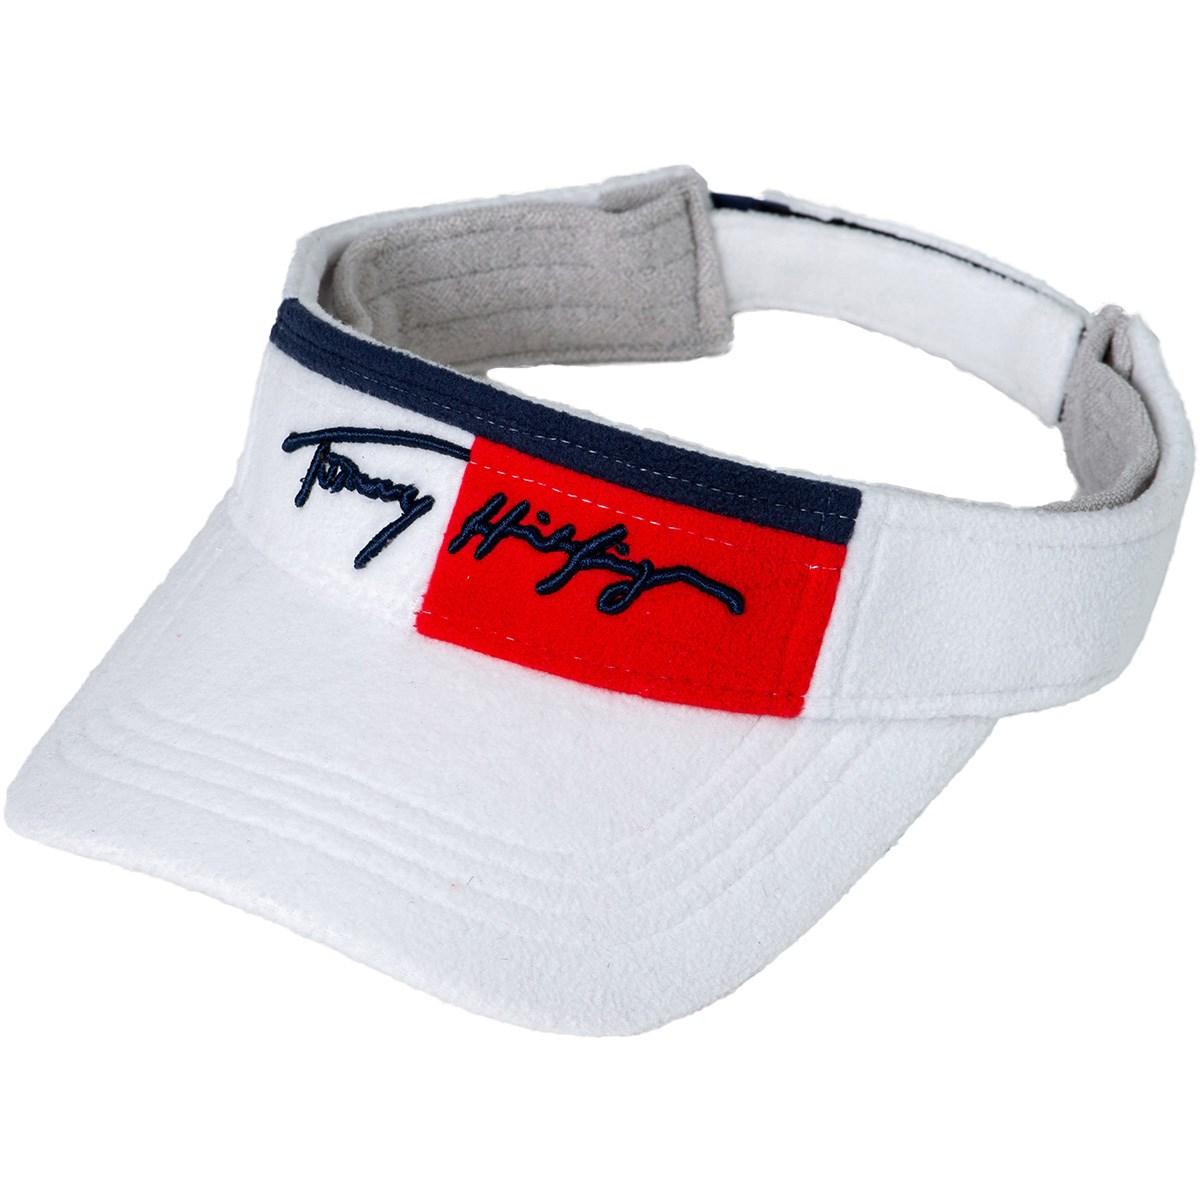 トミー ヒルフィガー ゴルフ TOMMY HILFIGER GOLF ボアサンバイザー フリー ホワイト 00 レディス